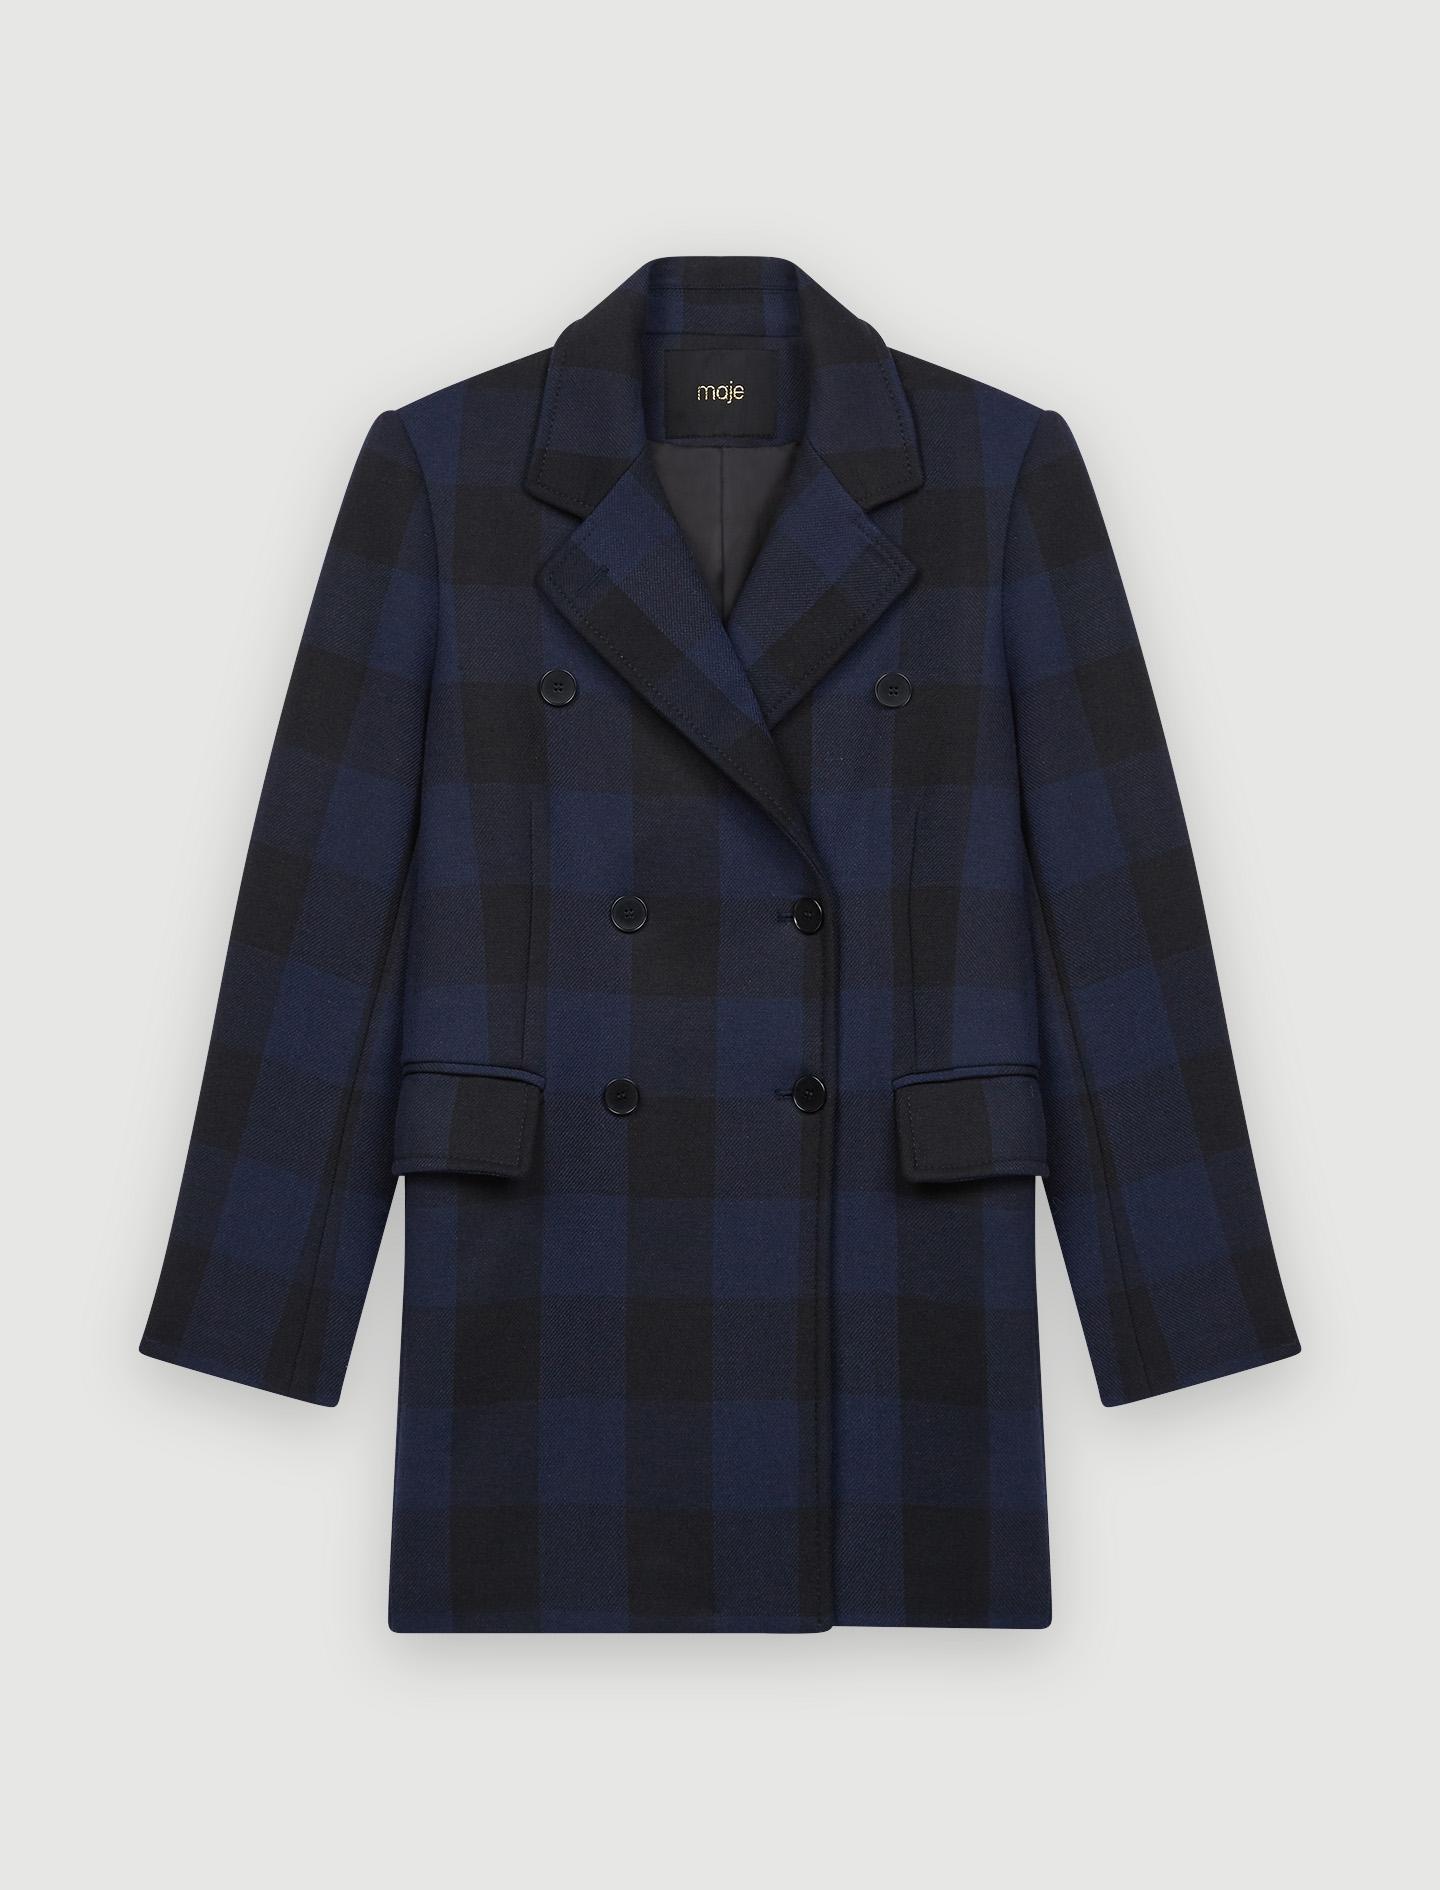 Checked jacket style coat - Navy